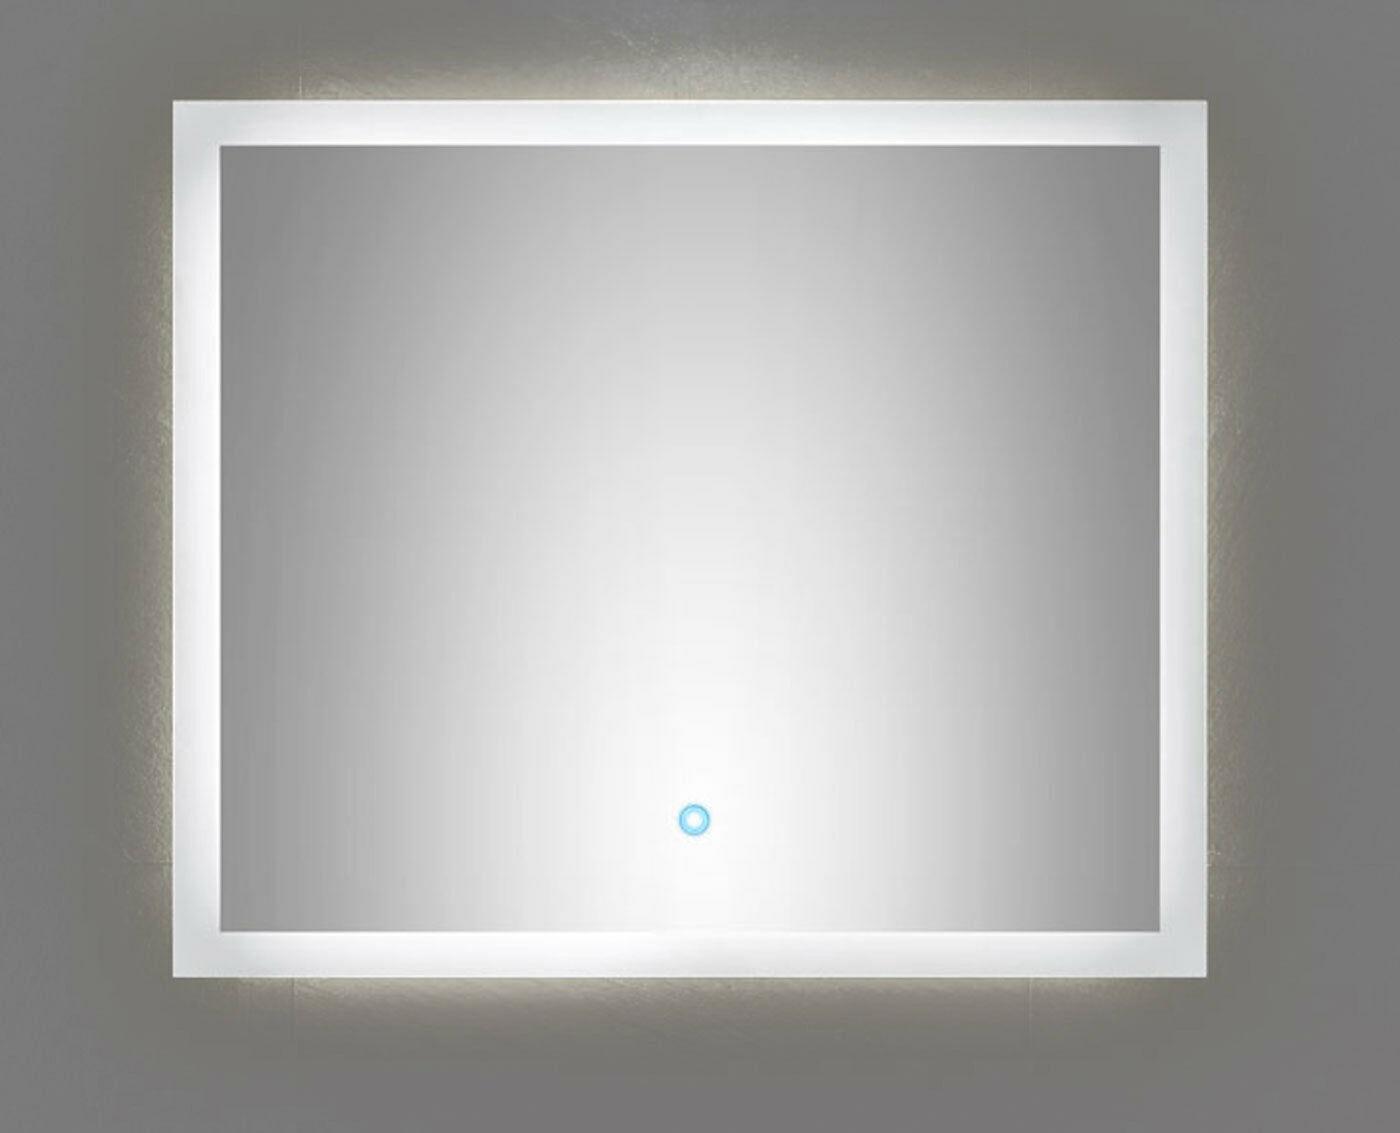 Badkamer Spiegel 60x80 : Badezimmer spiegel badezimmer spiegel mit ablageboden in